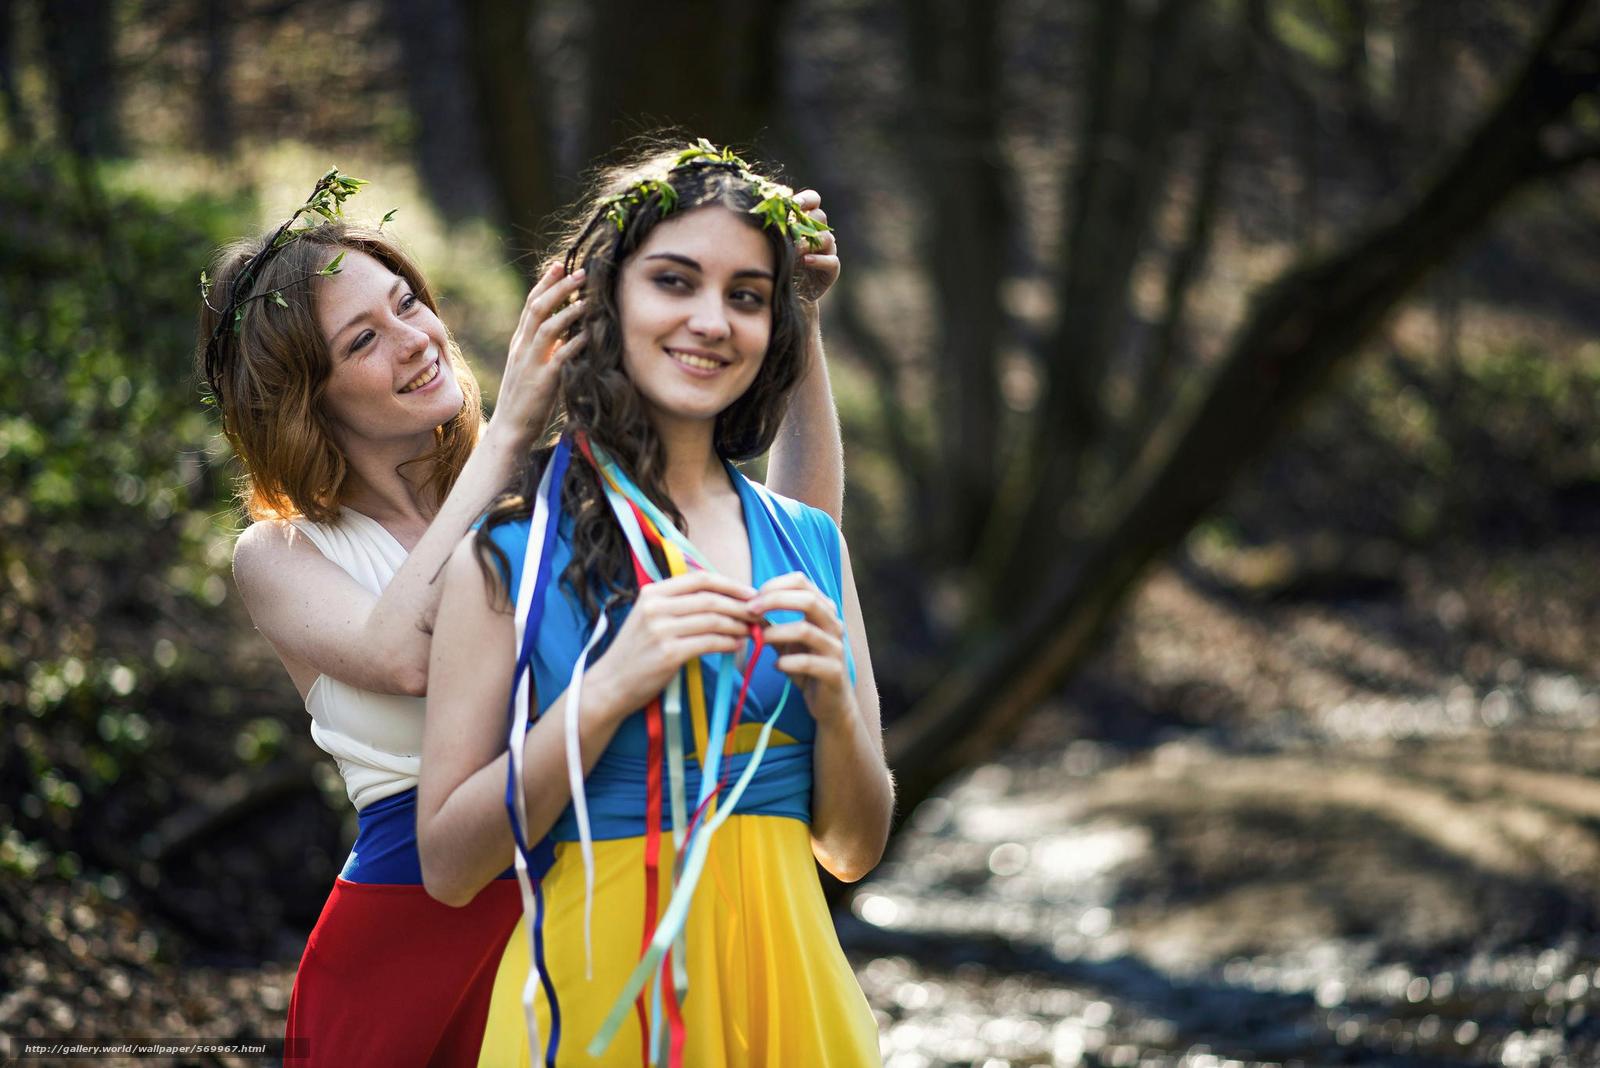 Скачать обои мир,  флаги платья,  Россия,  девушки бесплатно для рабочего стола в разрешении 2048x1367 — картинка №569967